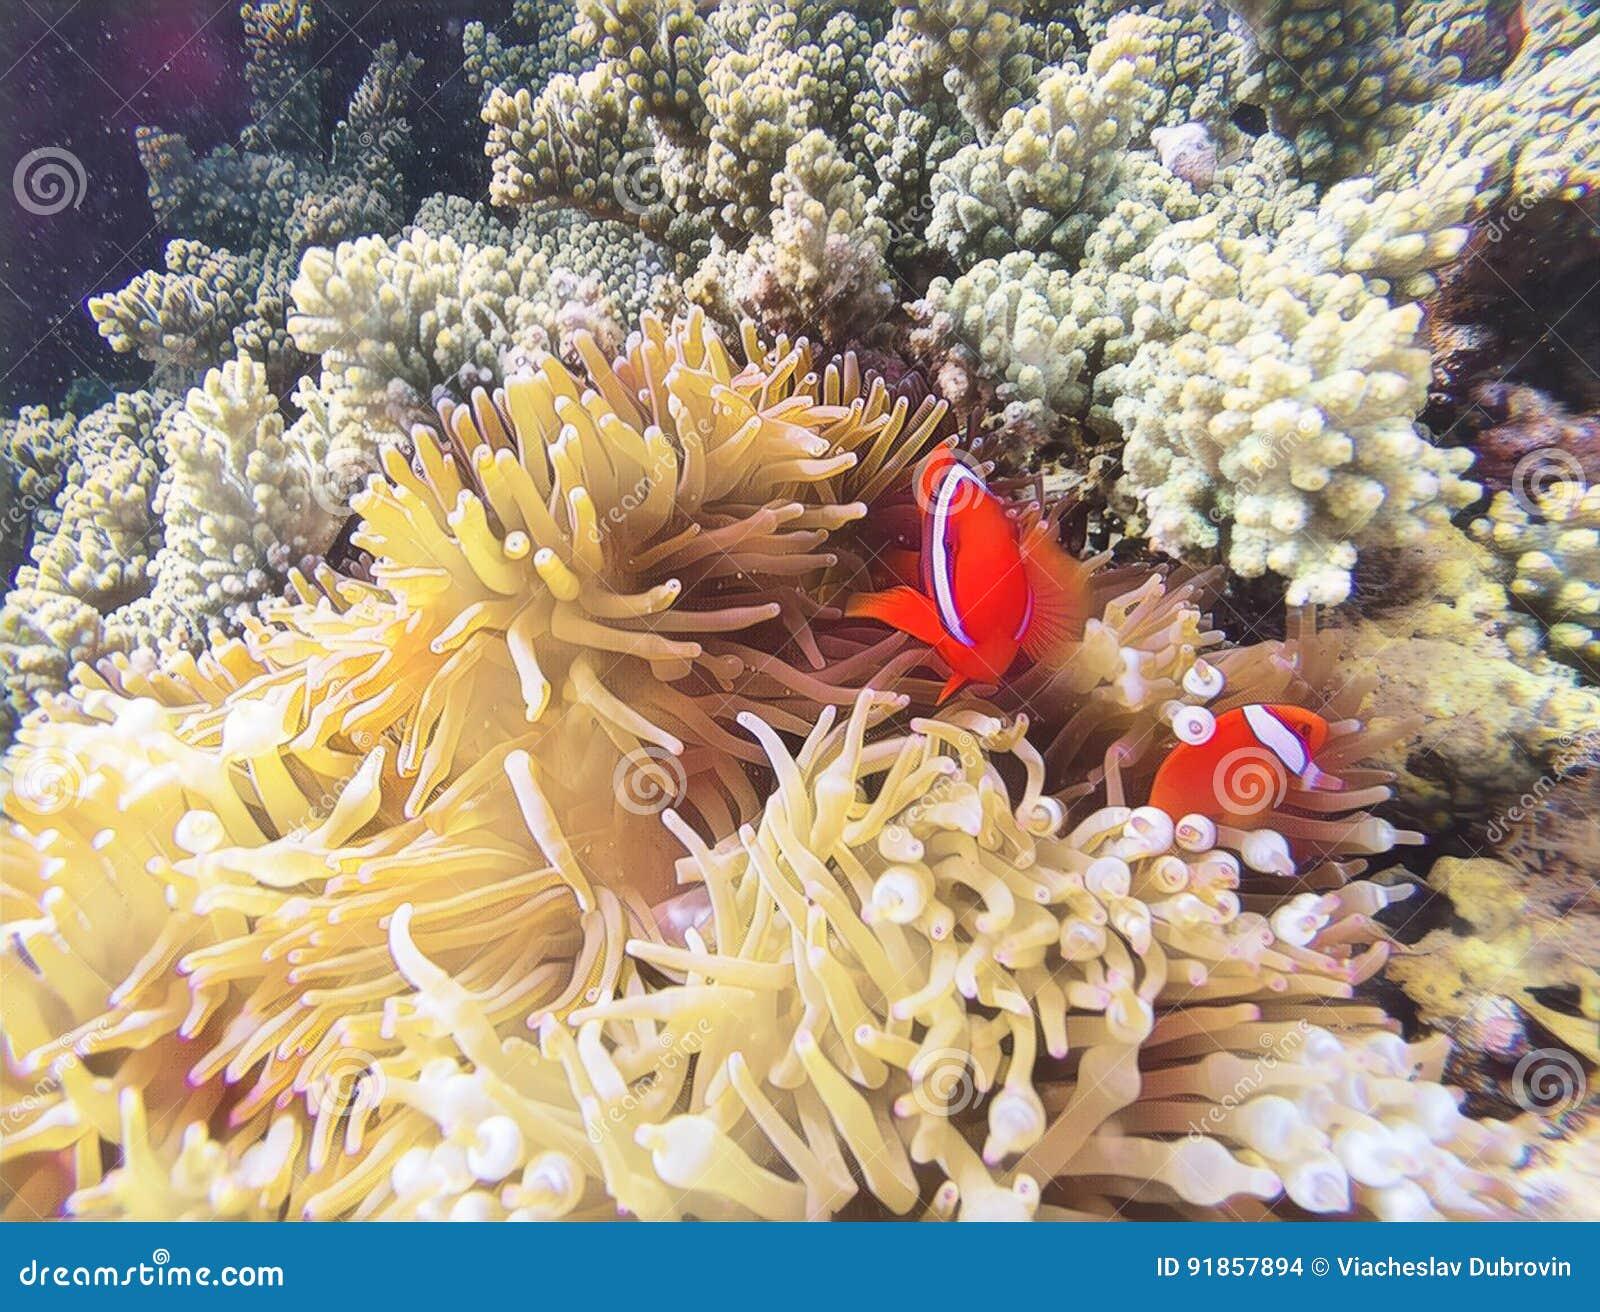 Korallfisk i digital illustration för blek actinia Orange clownfish i gul actinia